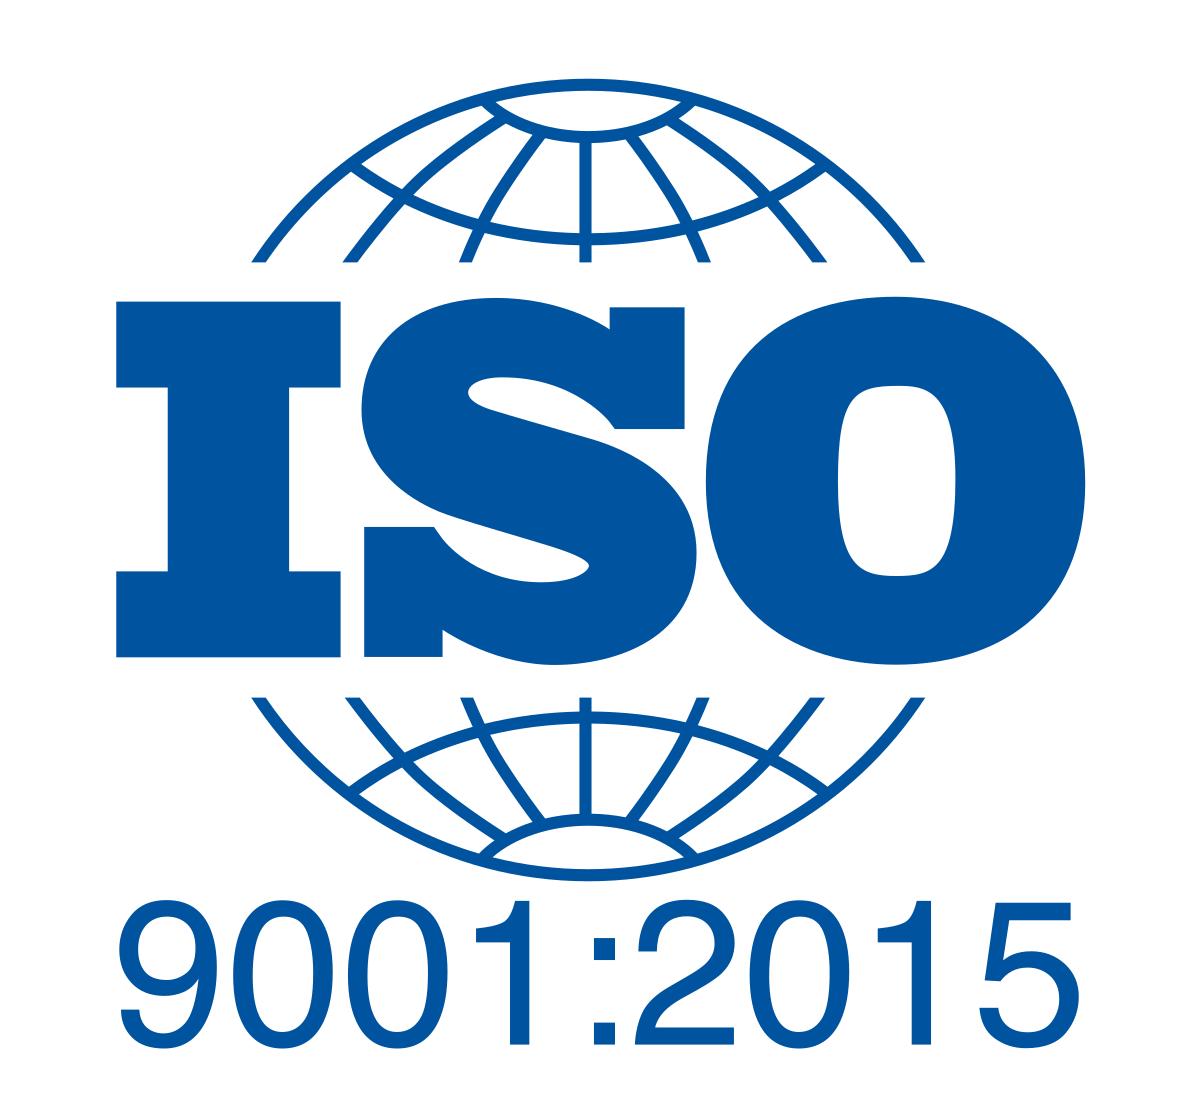 Sở Tài chính, Sở Kế hoạch và Đầu tư ứng dụng hiệu quả tiêu chuẩn ISO 9001 trong CCHC